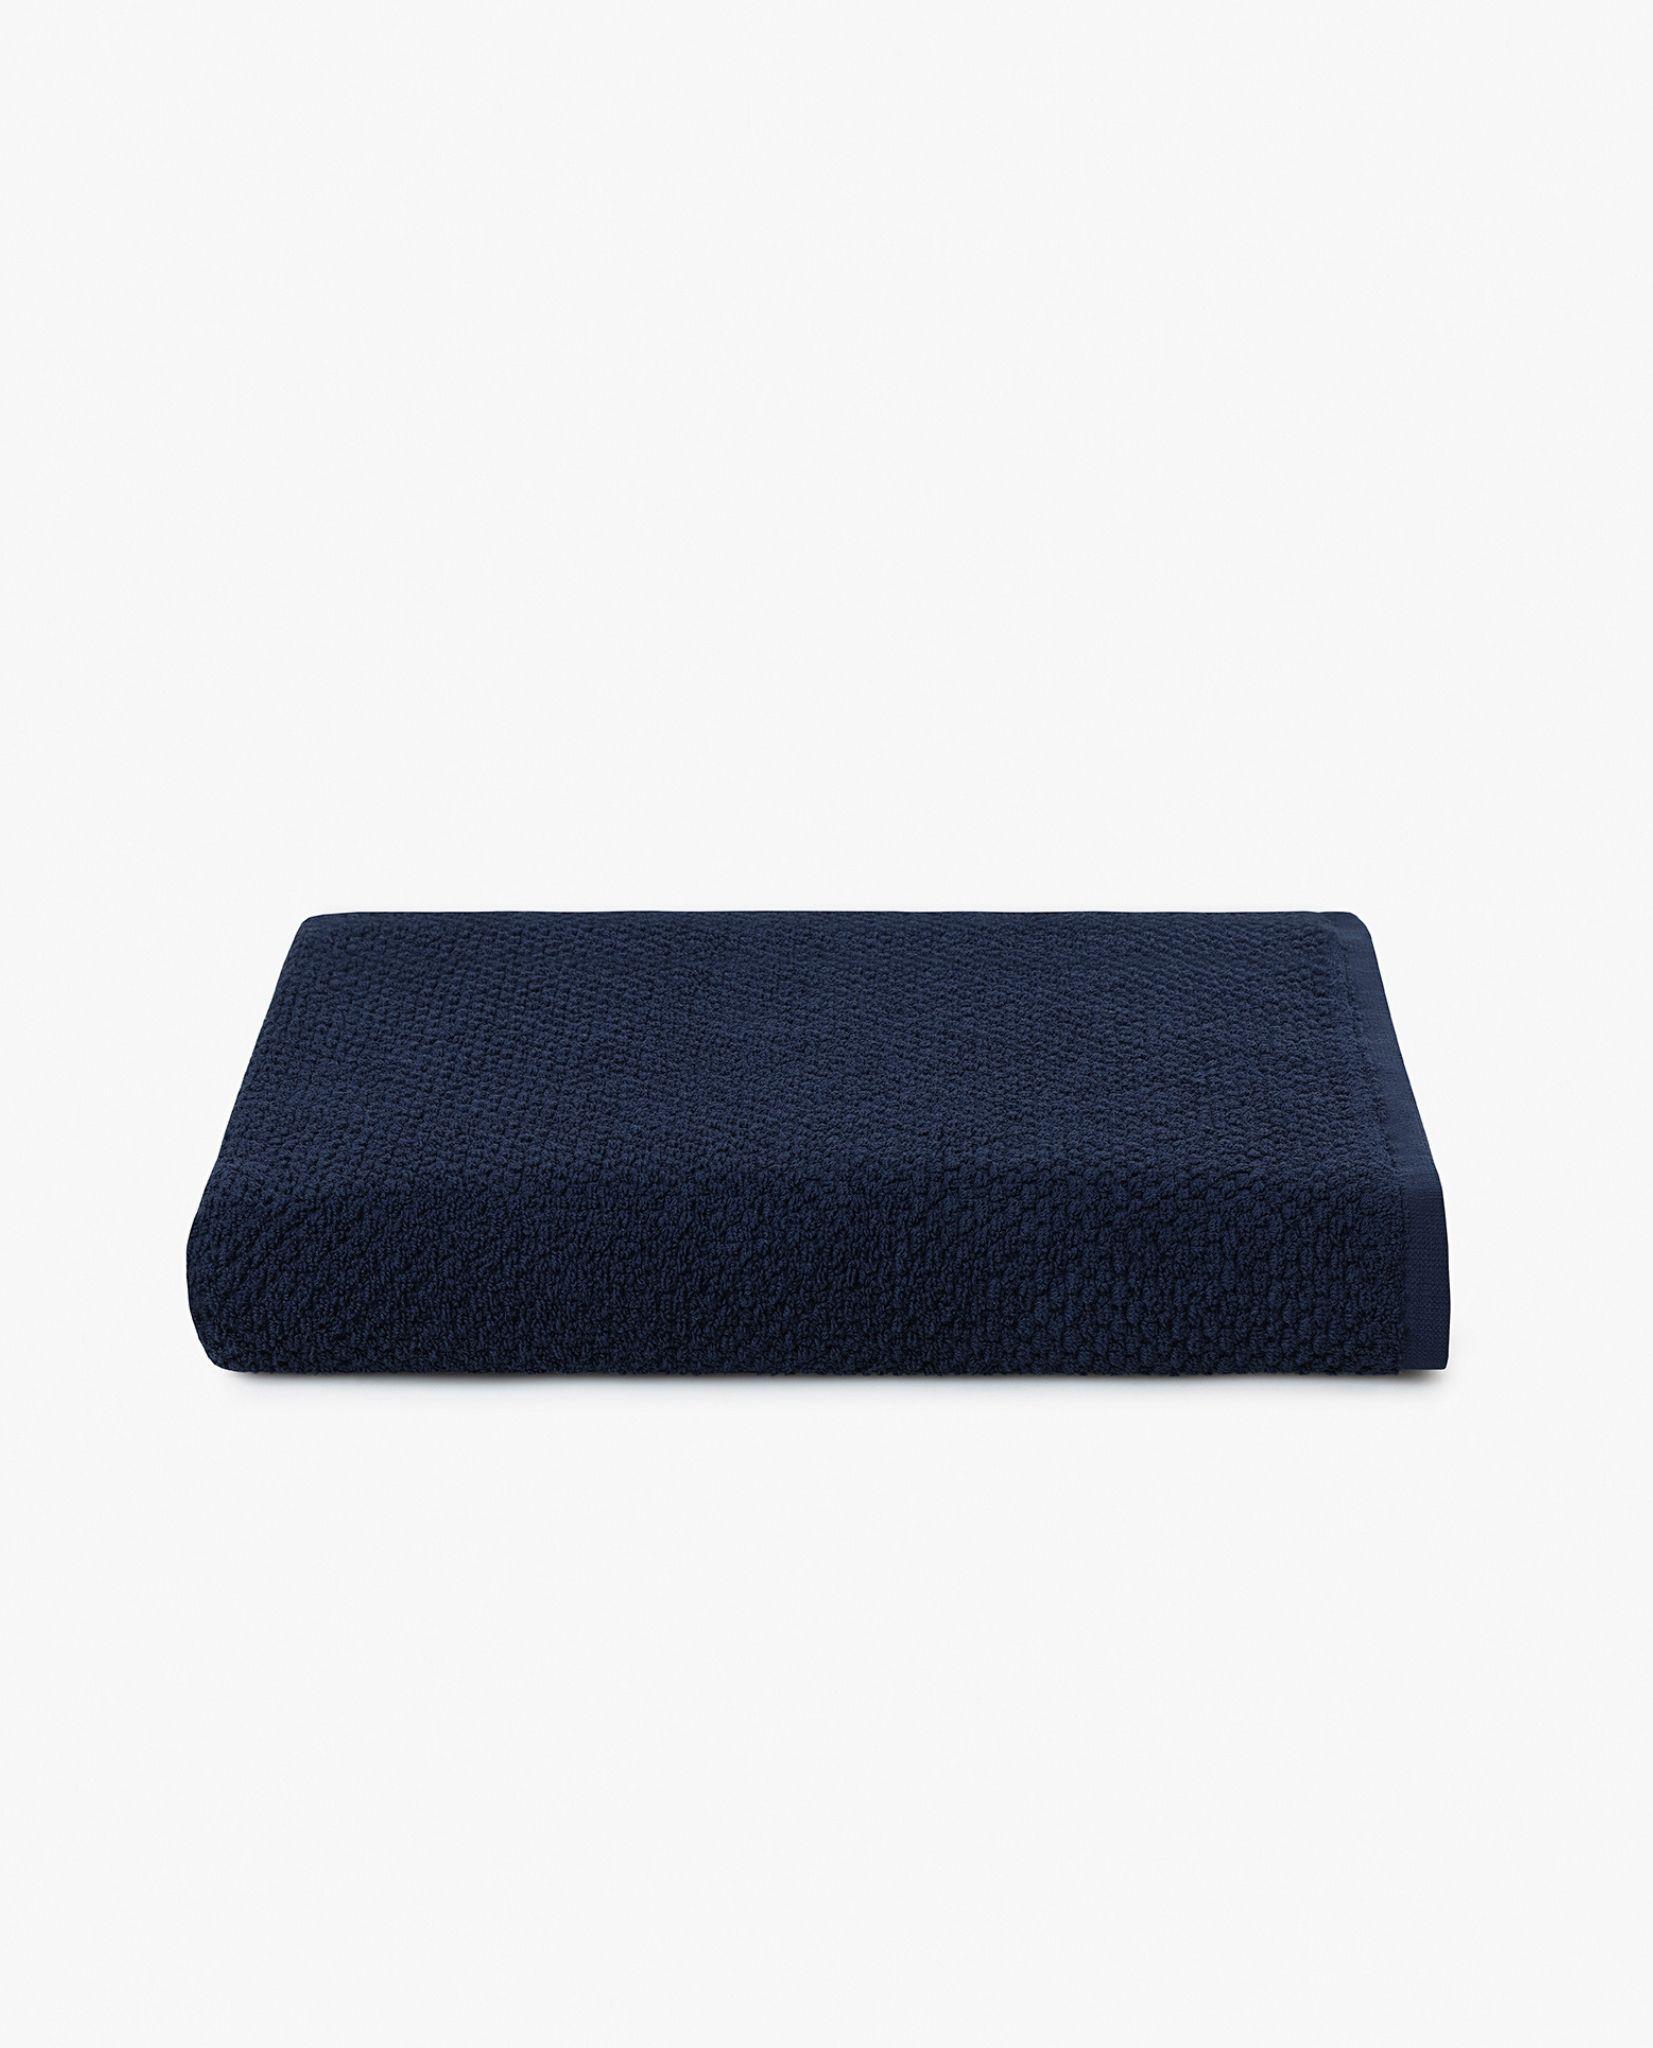 toalha de banho 100% algodão em azul marinho